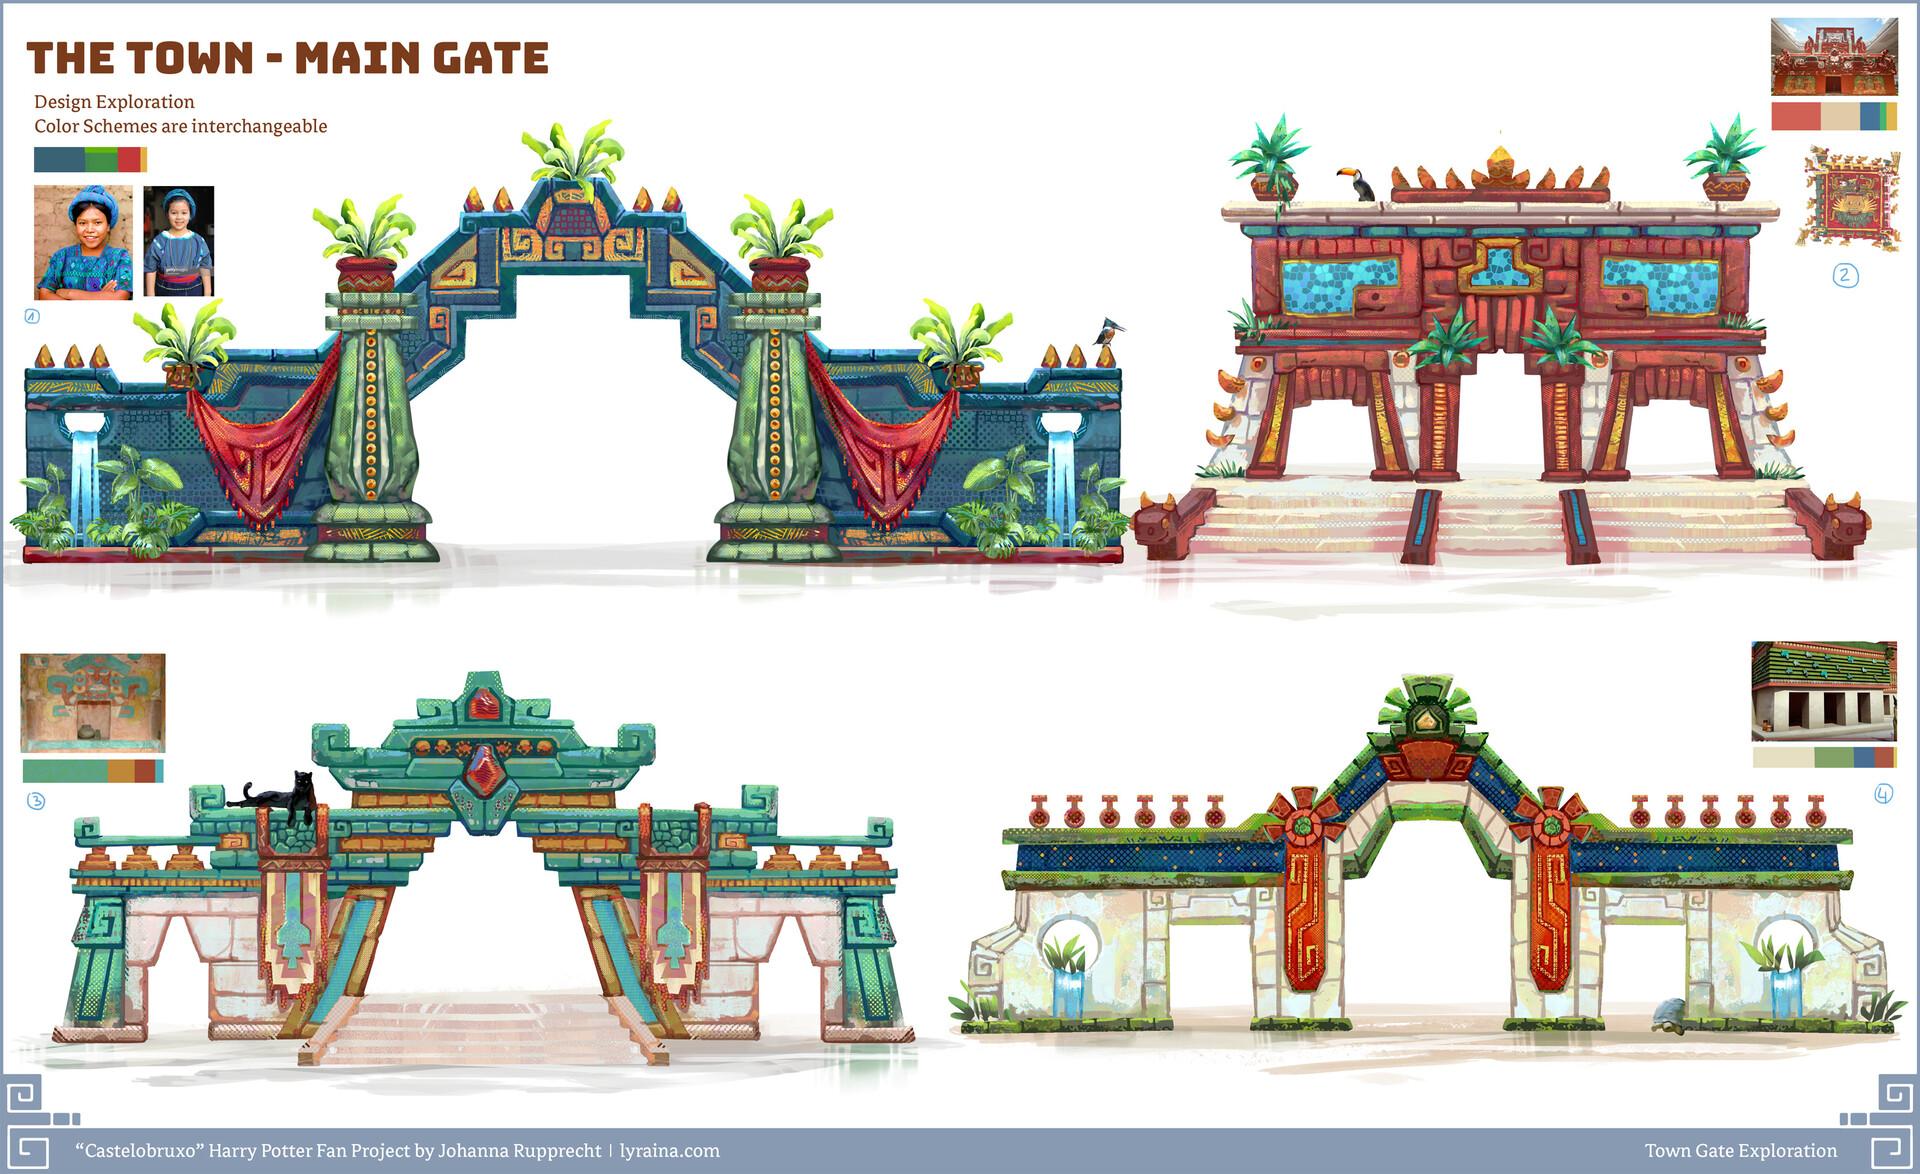 Town Gate, Design & Color Scheme exploration